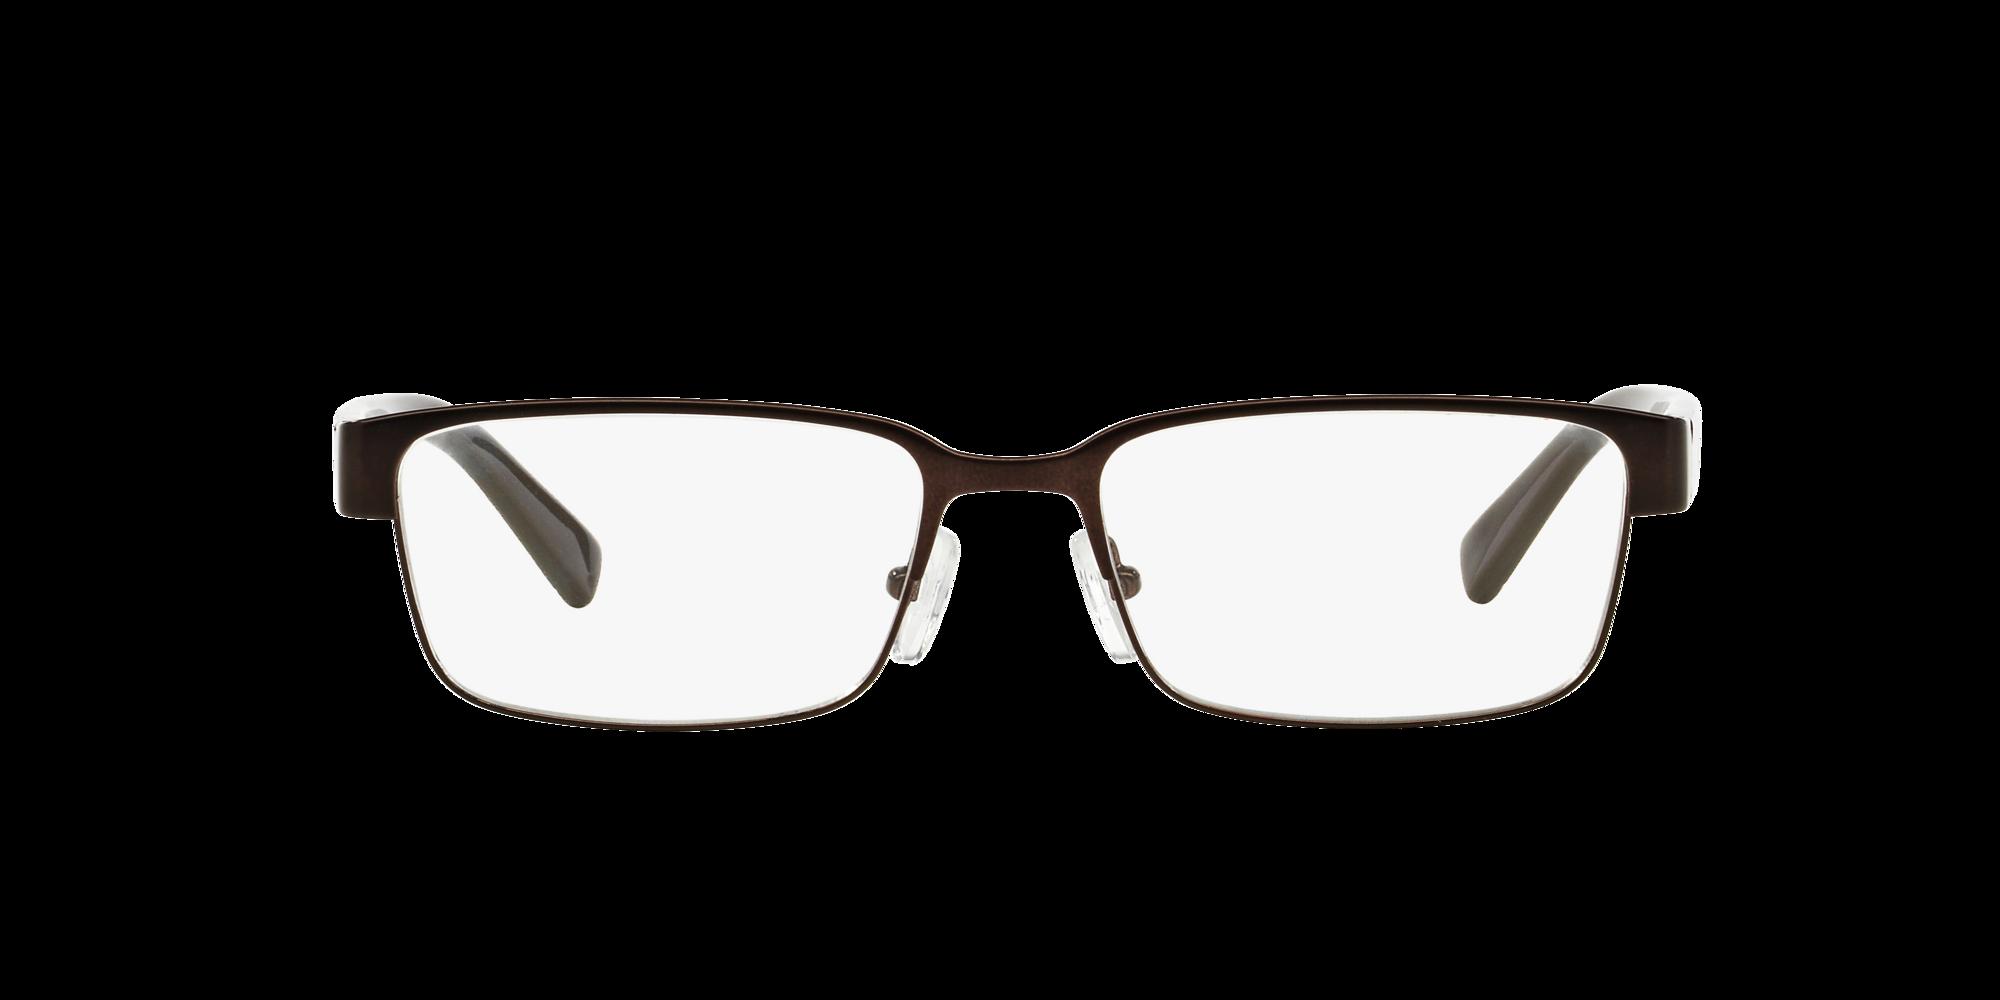 Imagen para AX1017 de LensCrafters |  Espejuelos, espejuelos graduados en línea, gafas